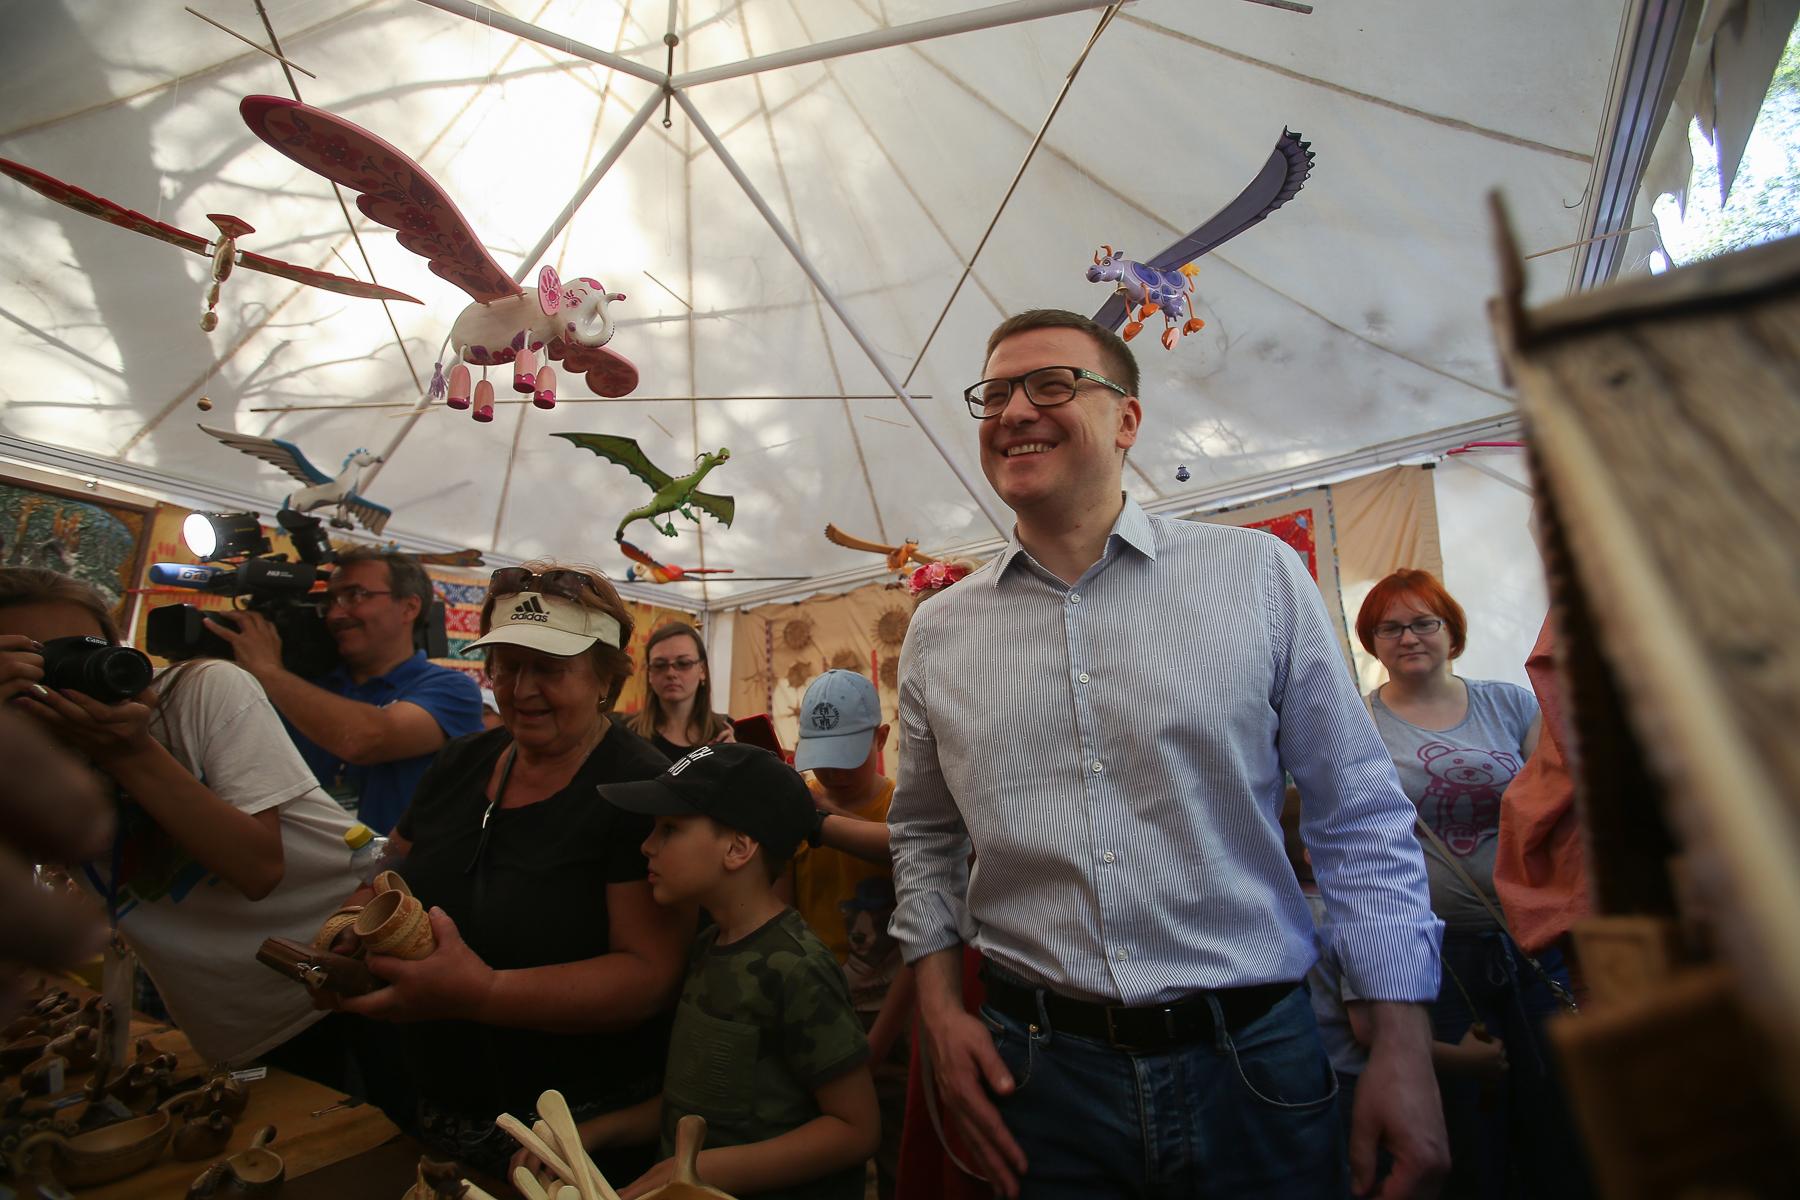 Порядка 40 тысяч человек посетили XXII всероссийский Бажовский фестиваль народного творчества, со